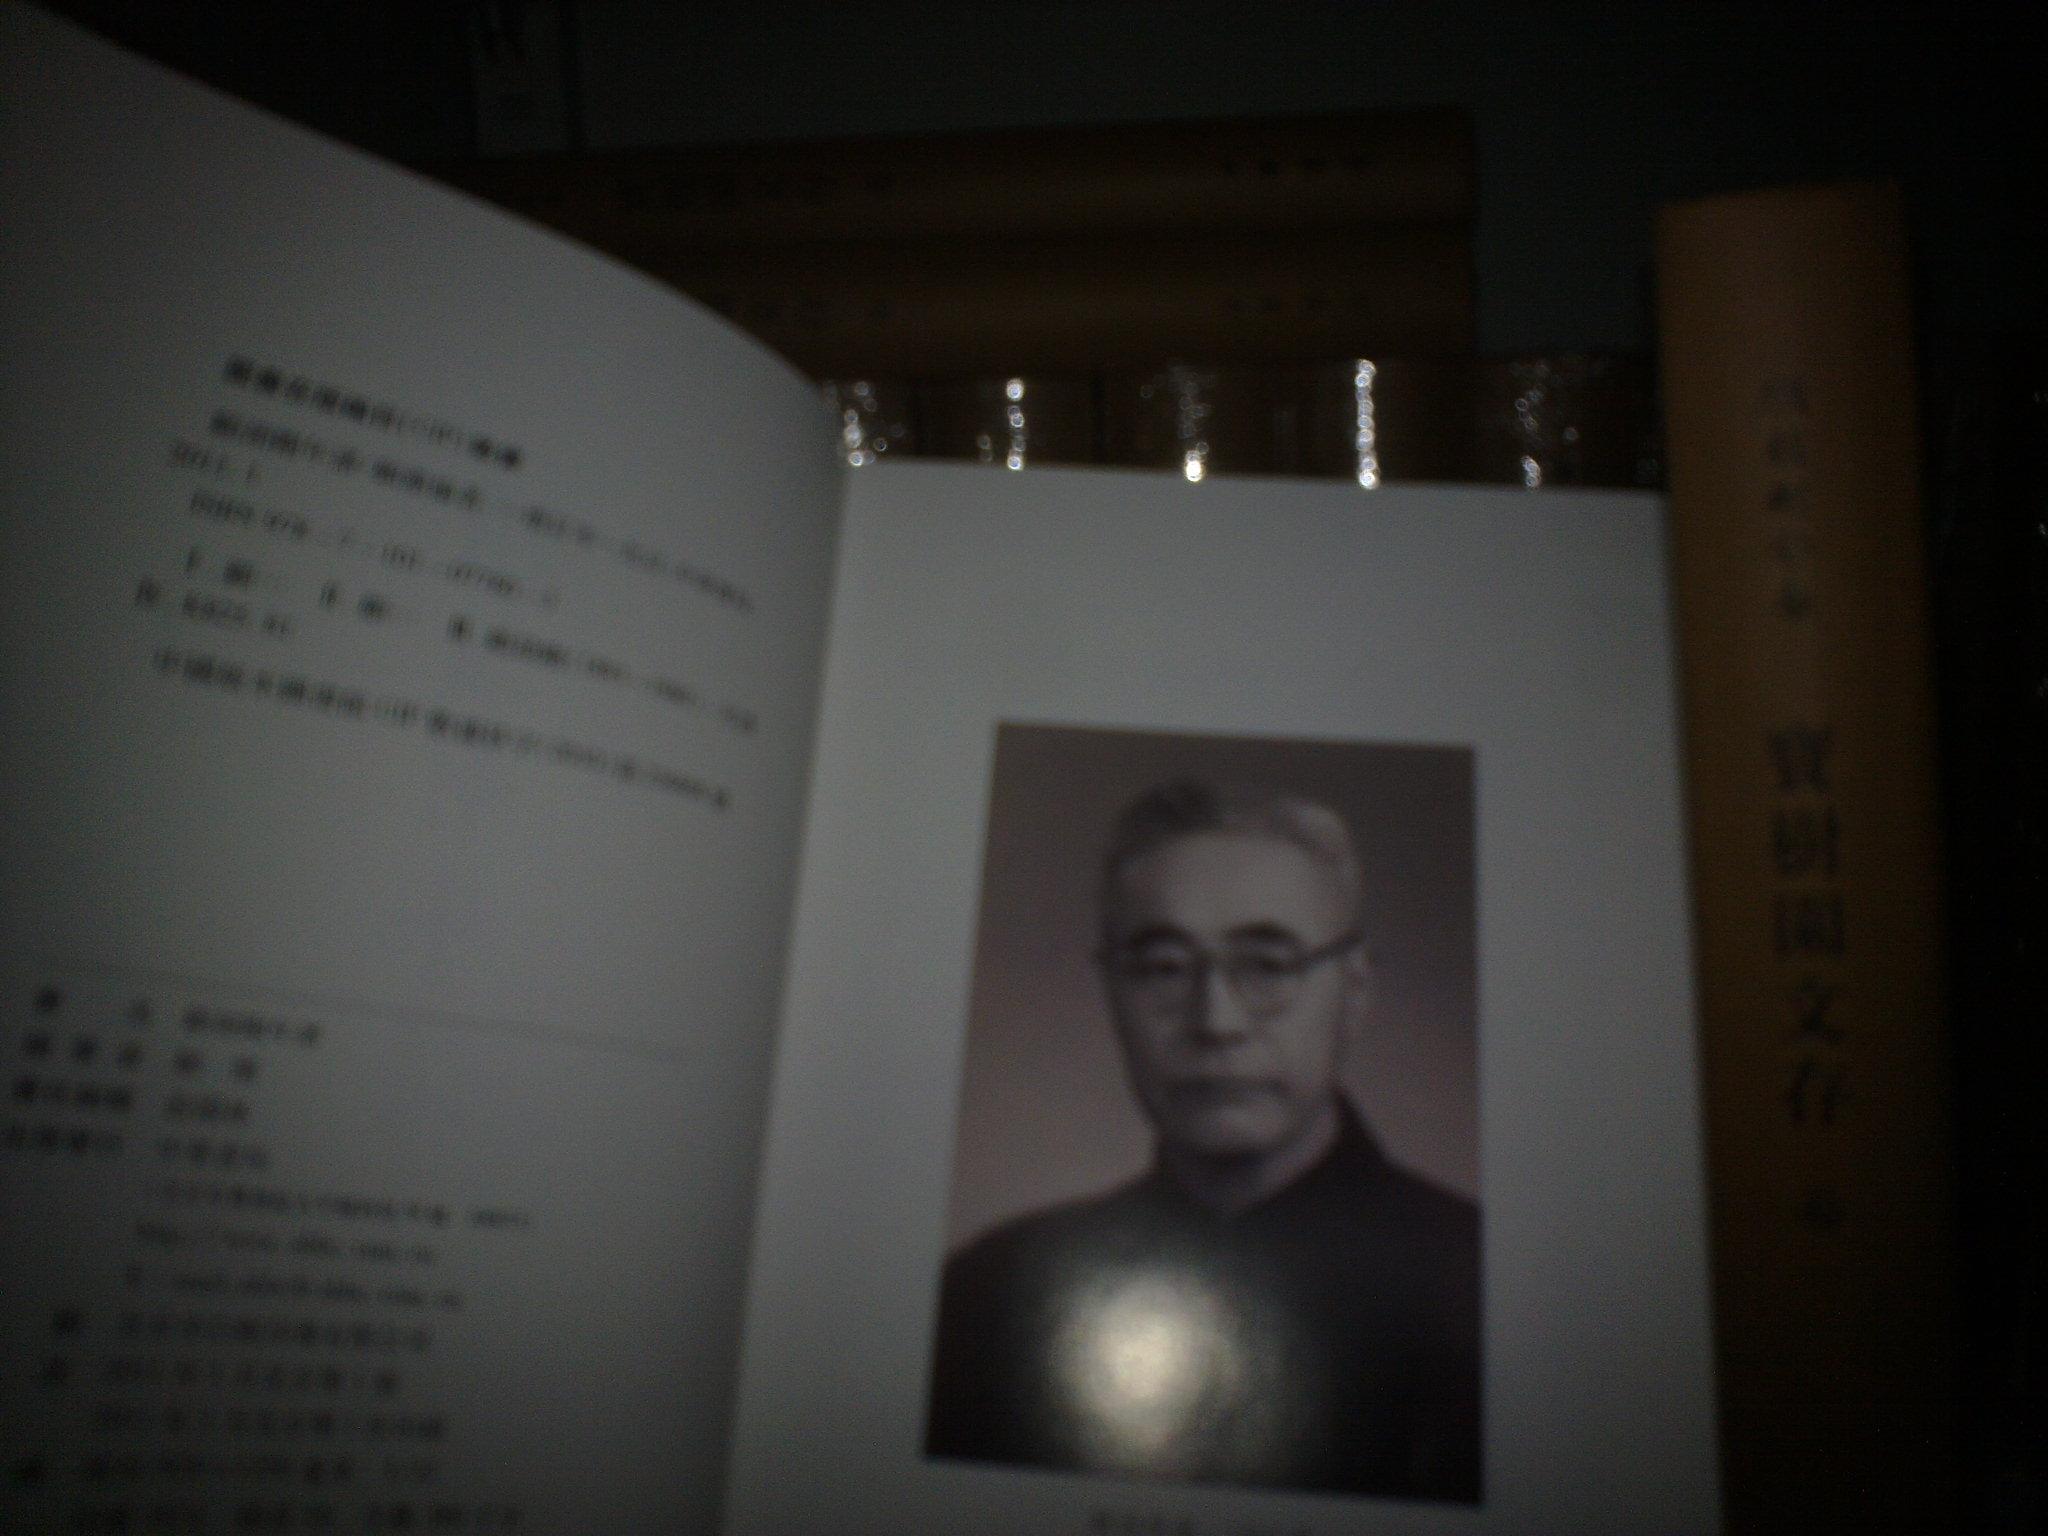 顾颉刚年谱 增订本 研究顾颉刚非常不错的一套简单史料